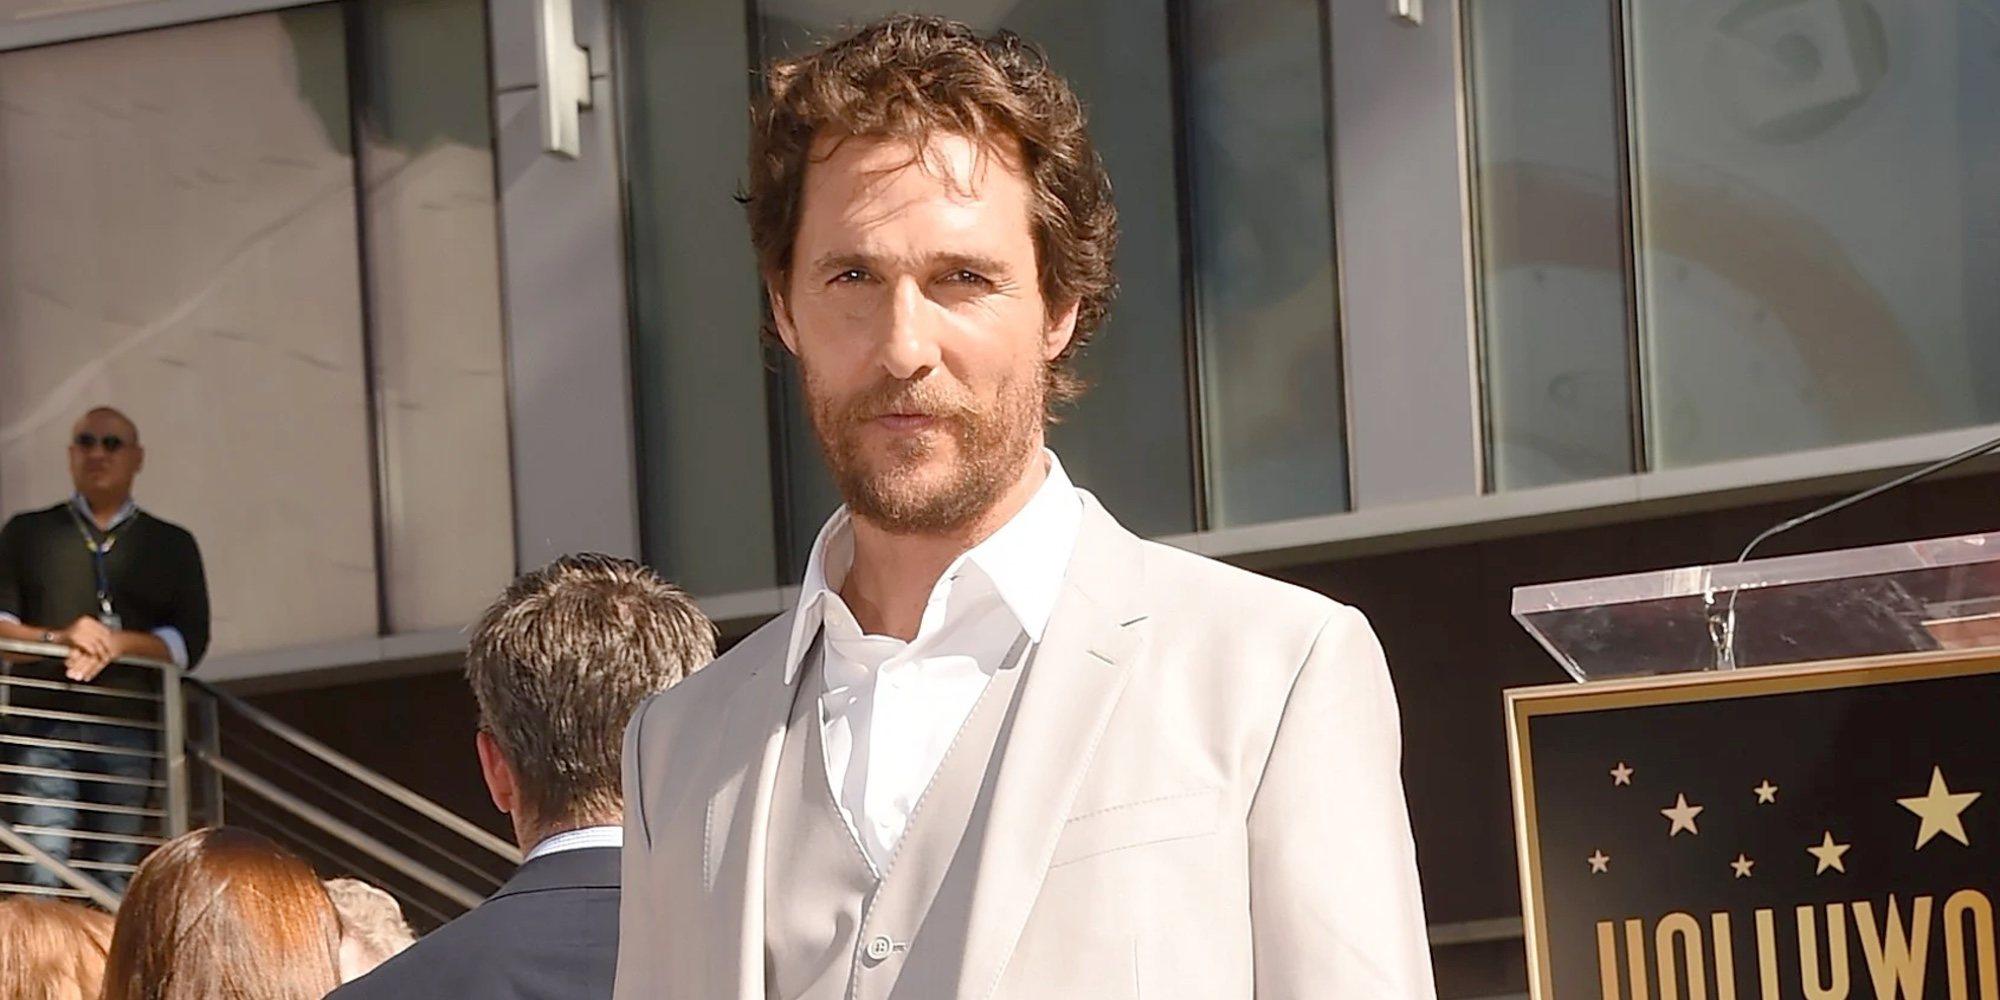 Matthew McConaughey sufrió abusos sexuales a los 18 años